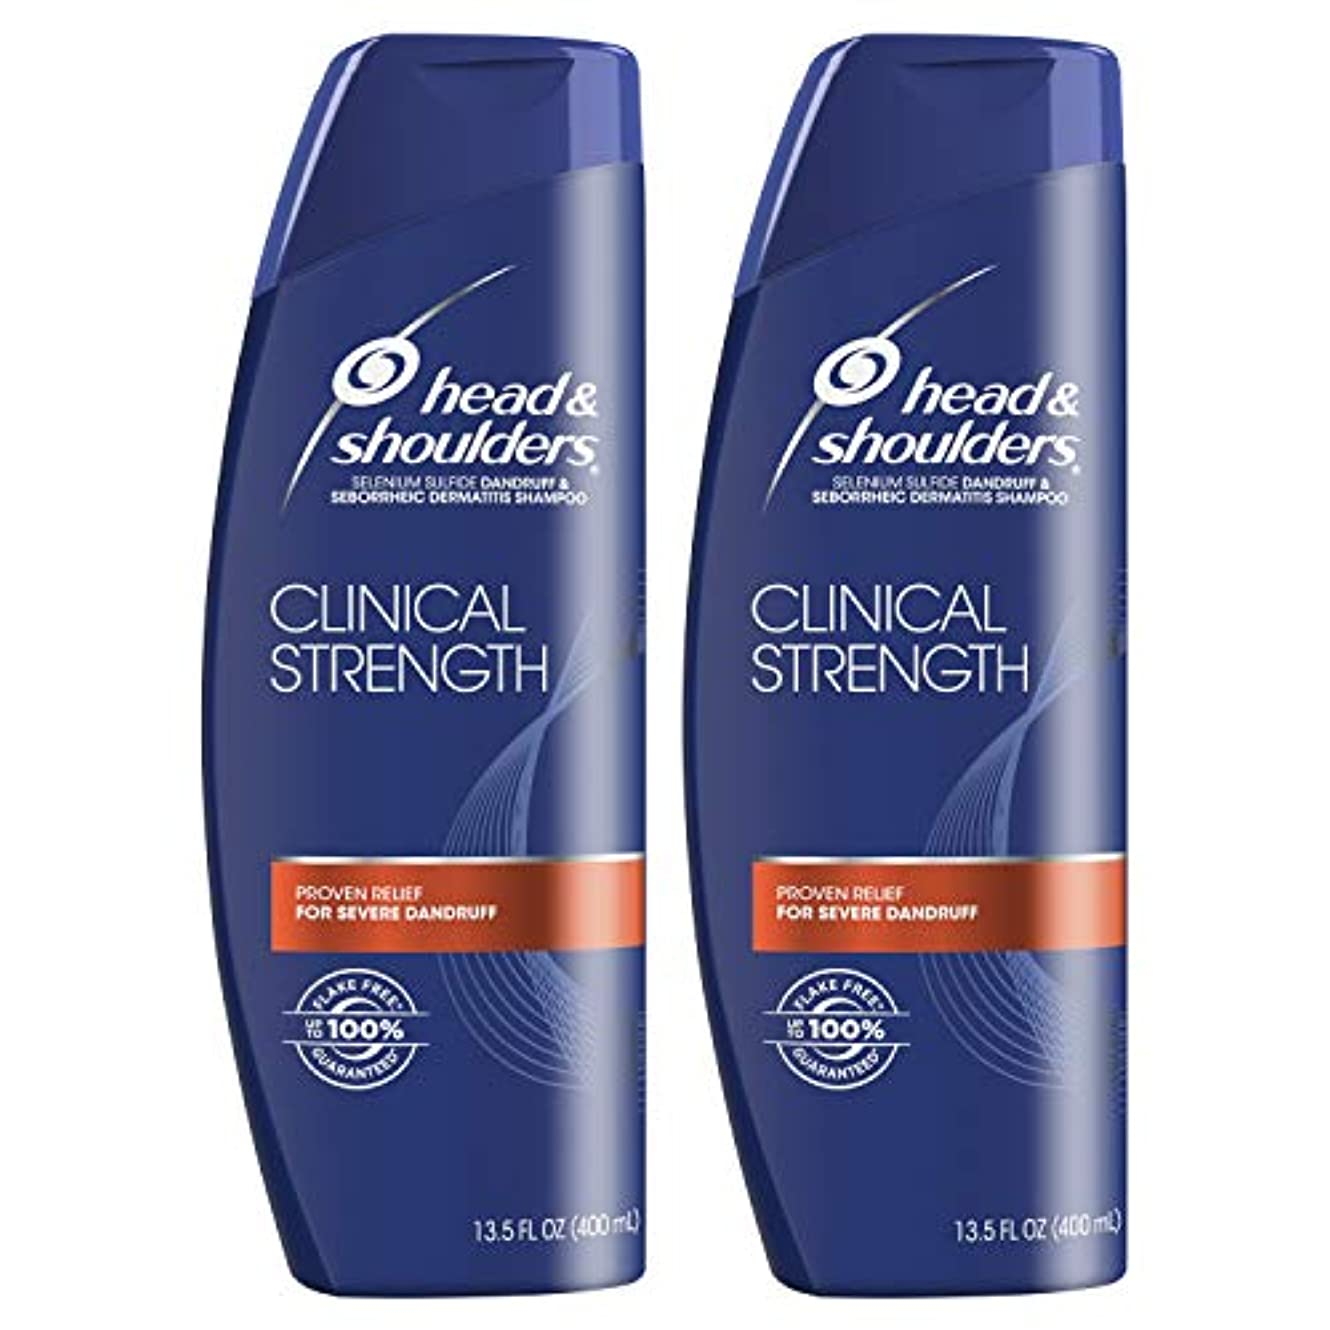 テメリティ属するシロクマHead and Shoulders Clinical Strength Dandruff and Seborrheic Dermatitisシャンプー、13.5 FL OZ